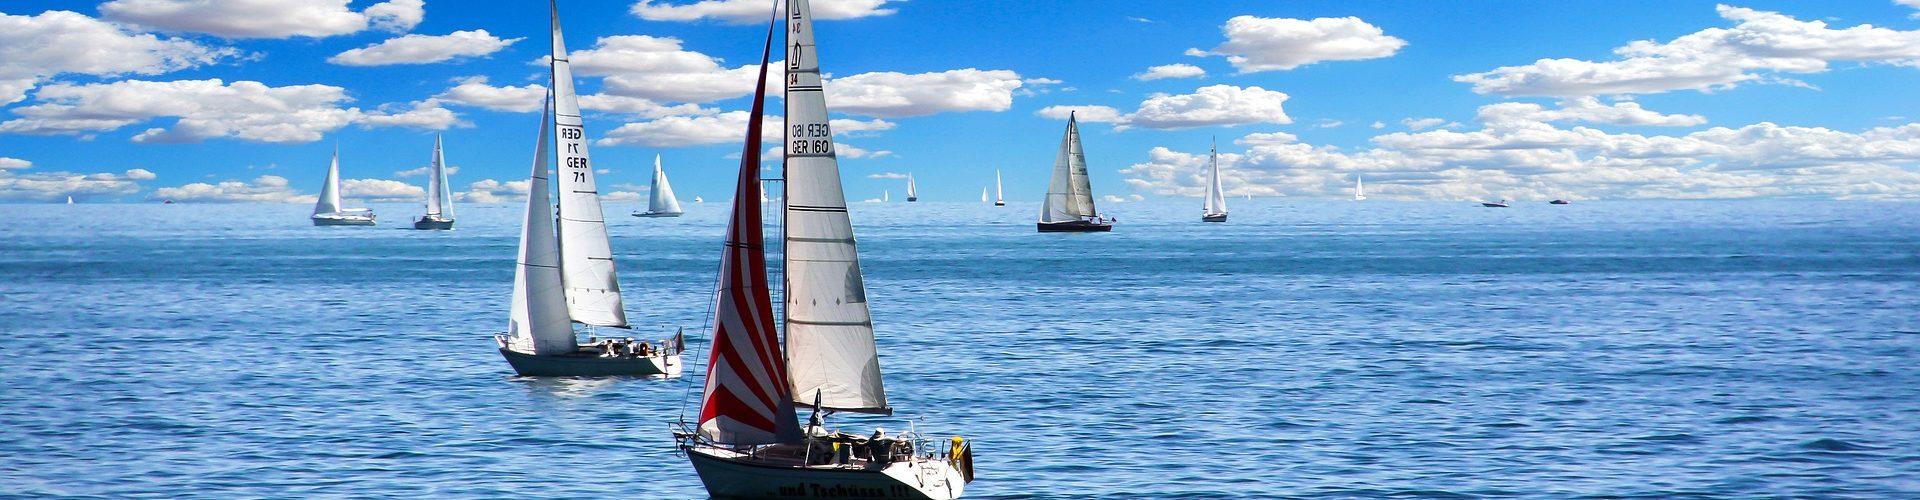 segeln lernen in Bodenwerder segelschein machen in Bodenwerder 1920x500 - Segeln lernen in Bodenwerder